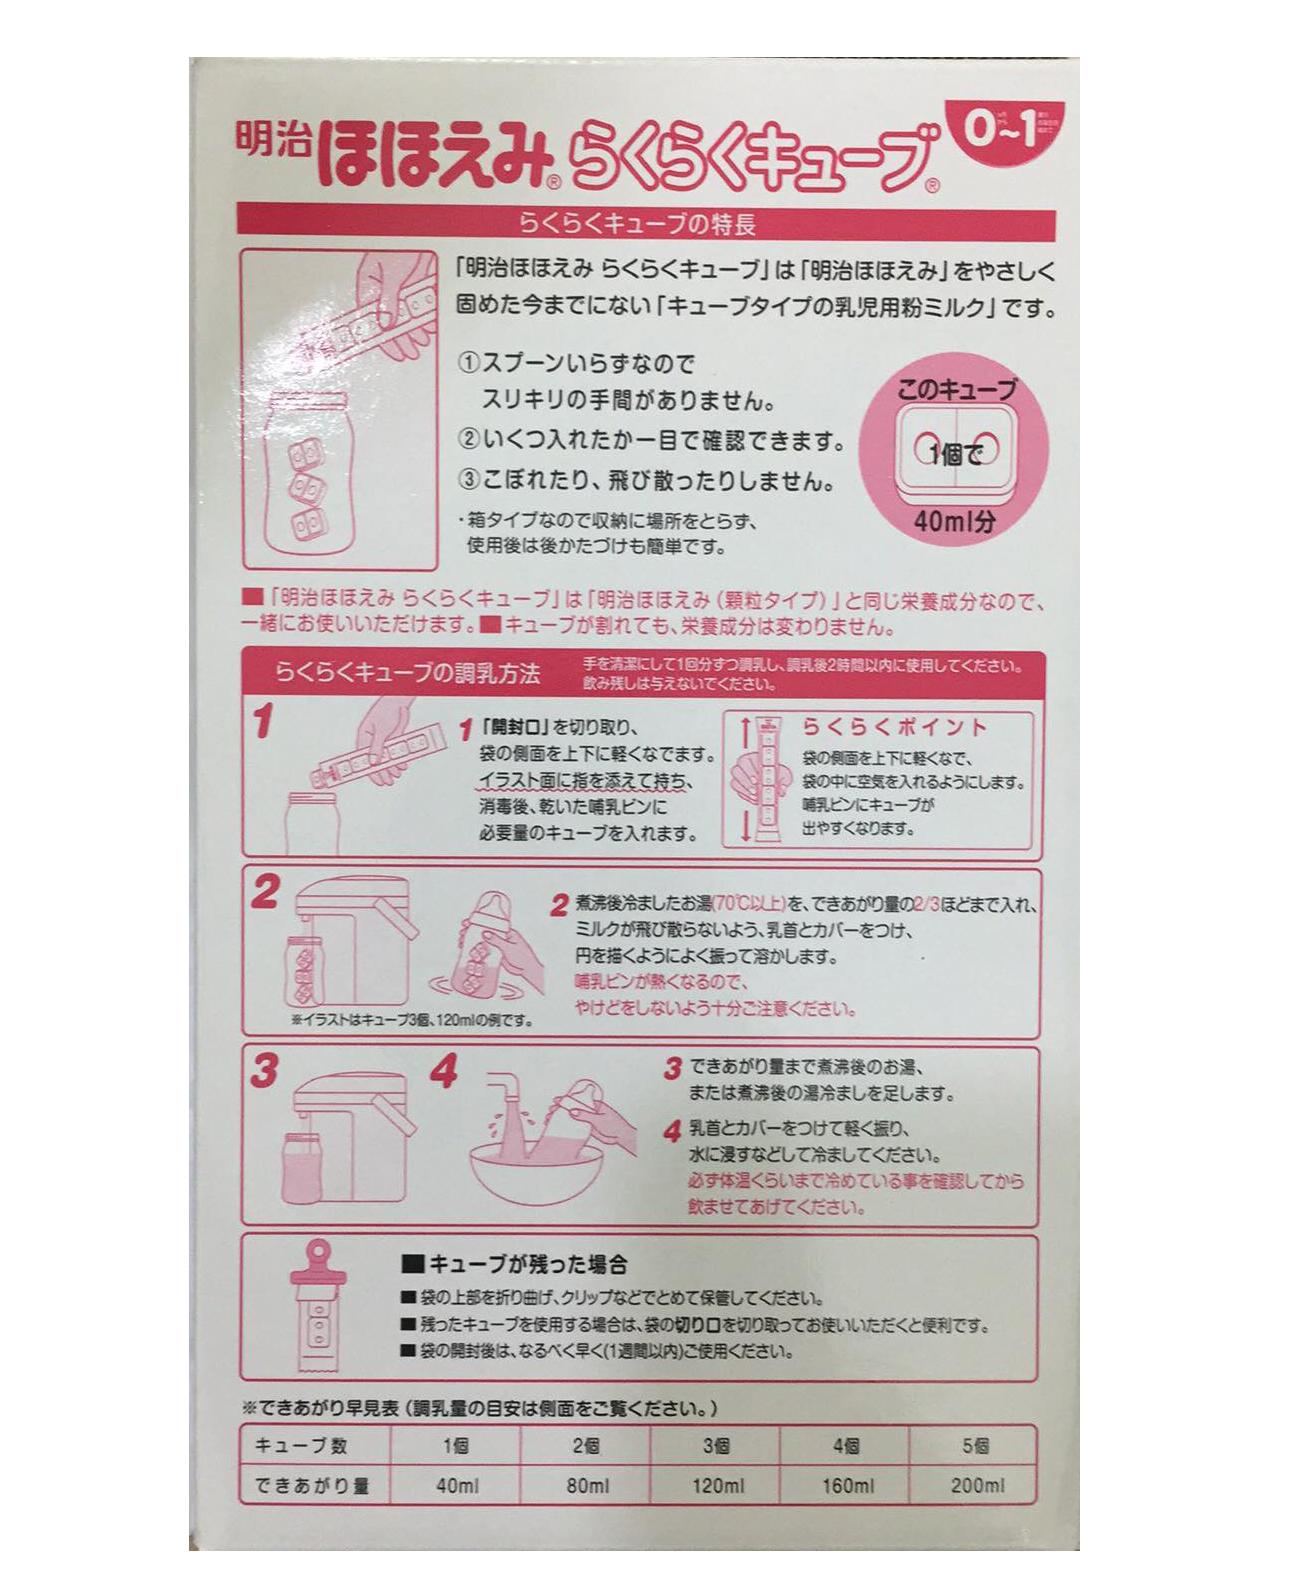 Sữa Meiji số 0 dạng thanh cho trẻ từ 0 đến 12 tháng tuổi cung cấp dưỡng chất cần thiết cho sự phát triển của trẻ nhỏ